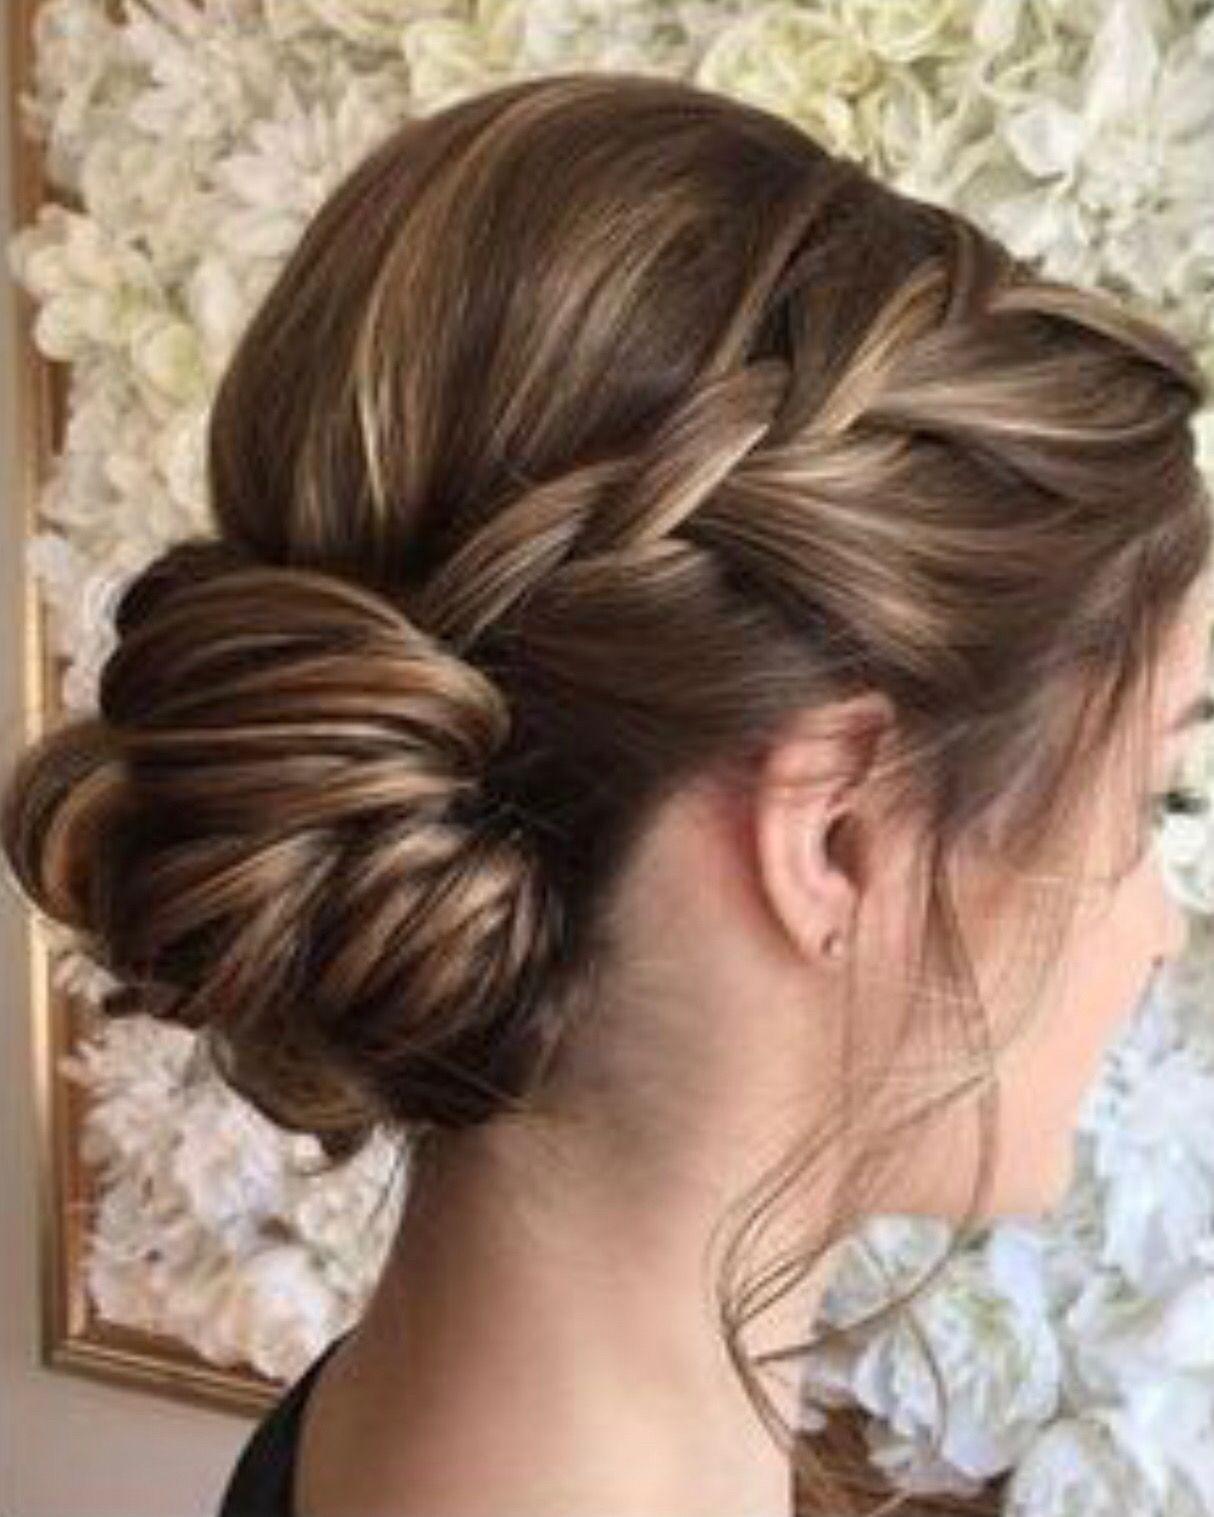 junior bridesmaid | feeling girly in 2019 | hair styles